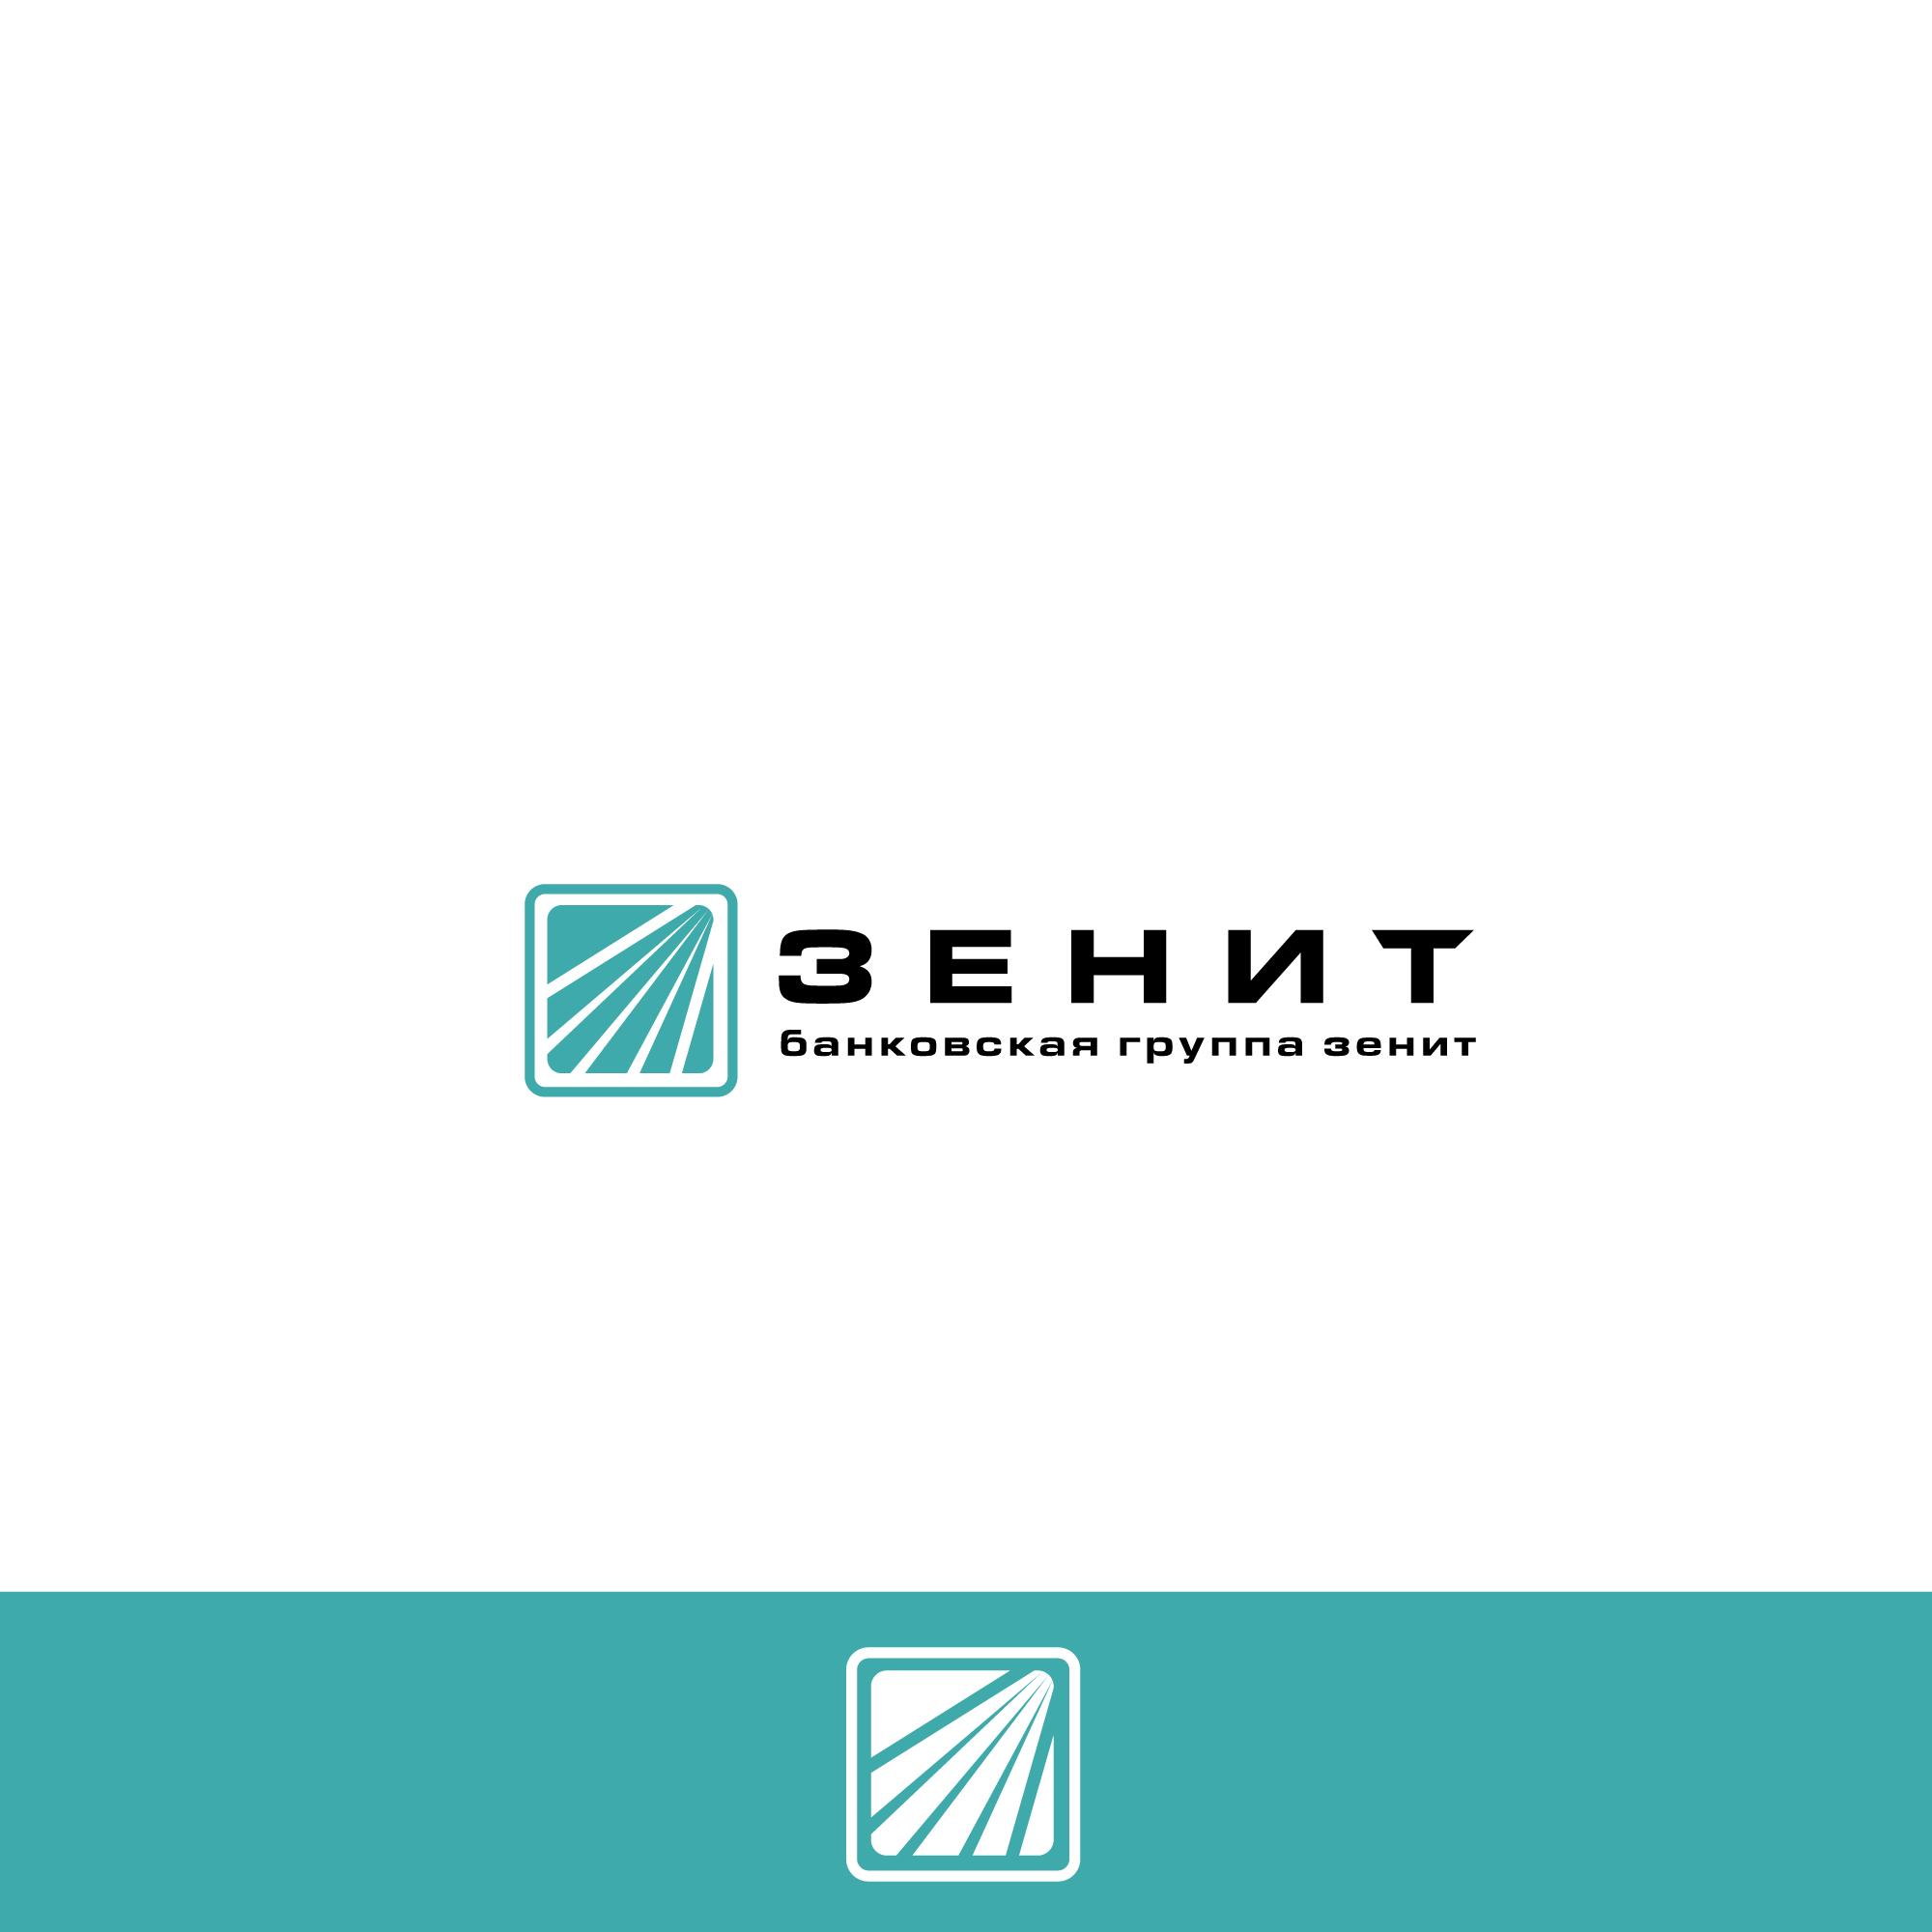 Разработка логотипа для Банка ЗЕНИТ фото f_6315b4a86ef52527.jpg